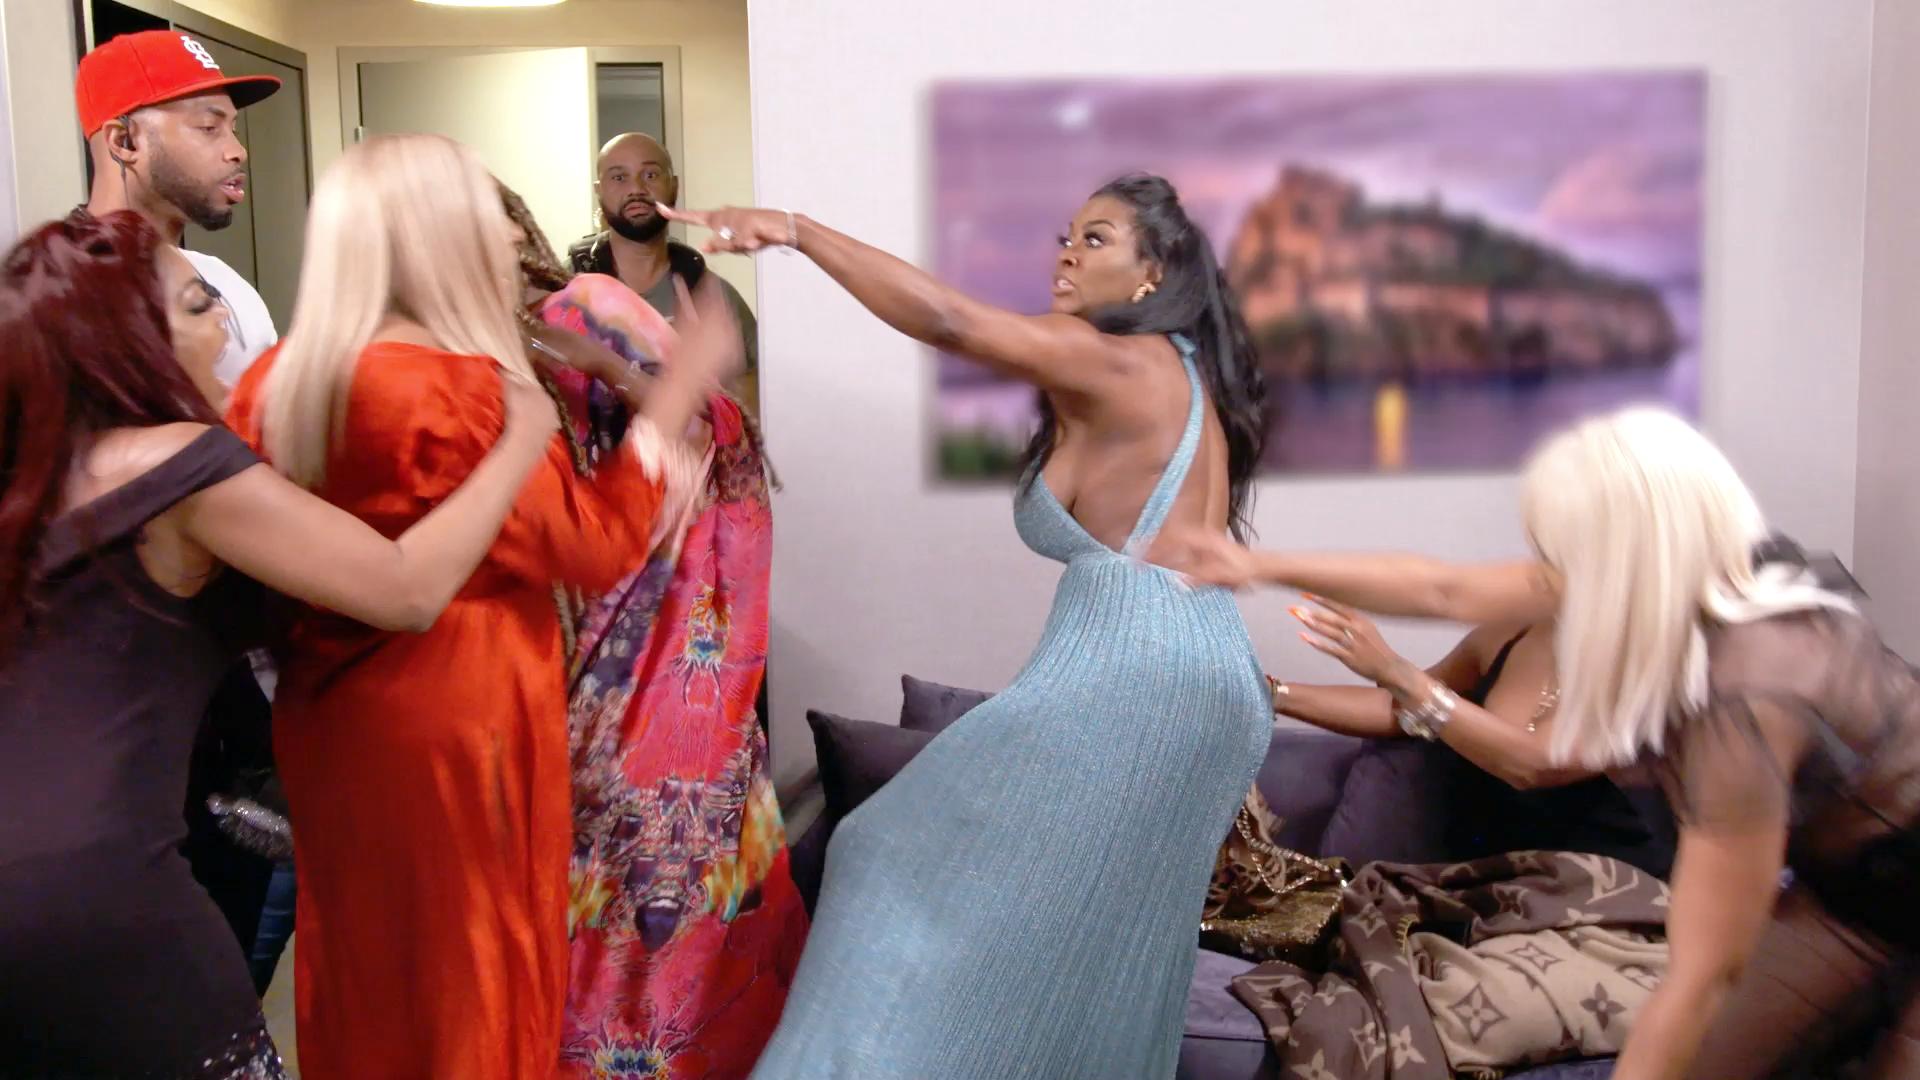 ¿Cuándo comienza el episodio 7 de la temporada 12 de The Real Housewives of Atlanta? 1